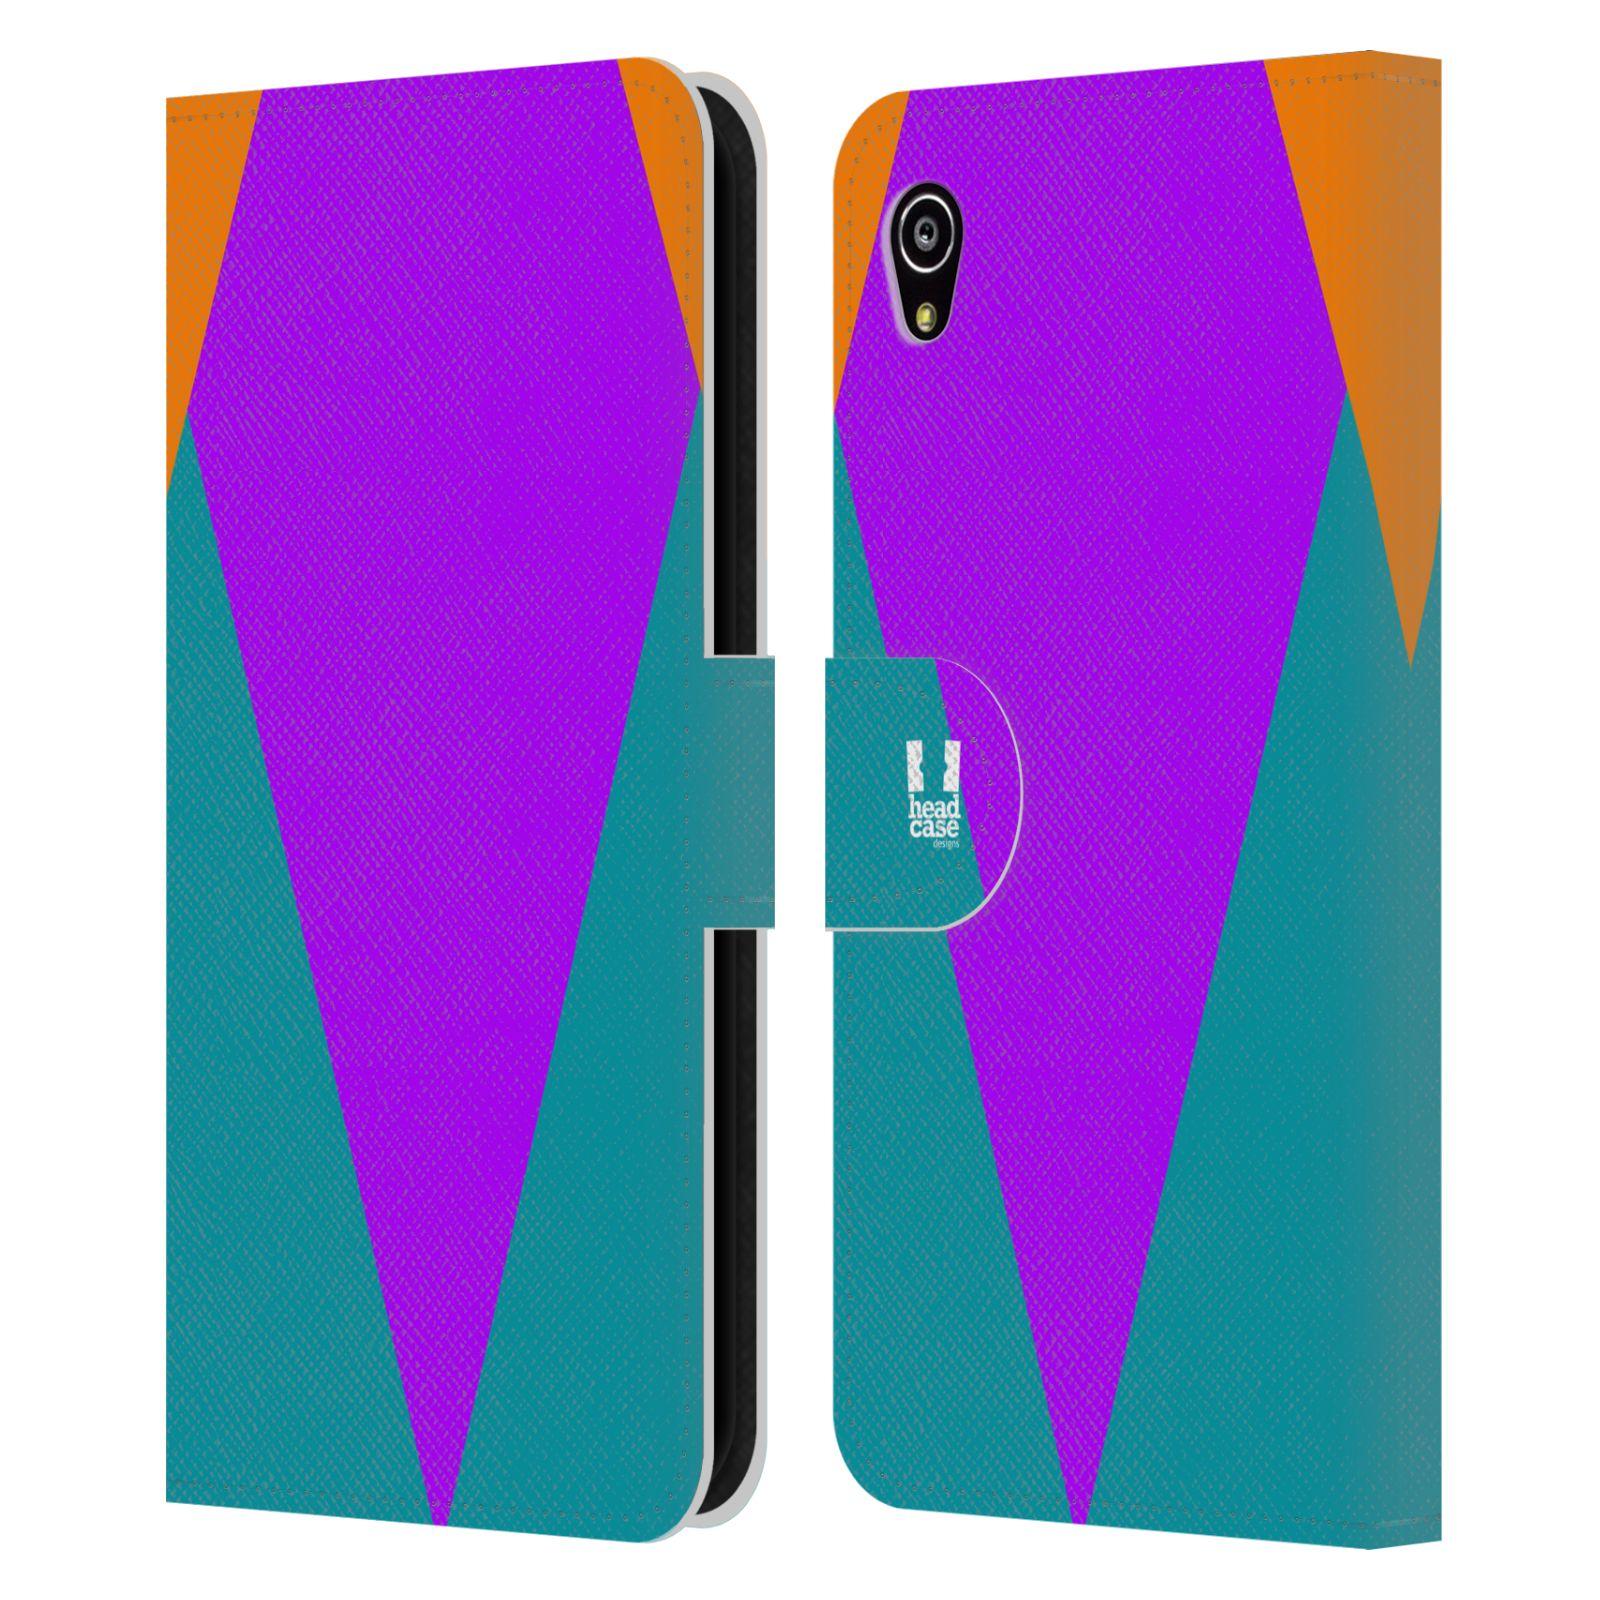 HEAD CASE Flipové pouzdro pro mobil SONY Xperia M4 Aqua barevné tvary šipka fialová